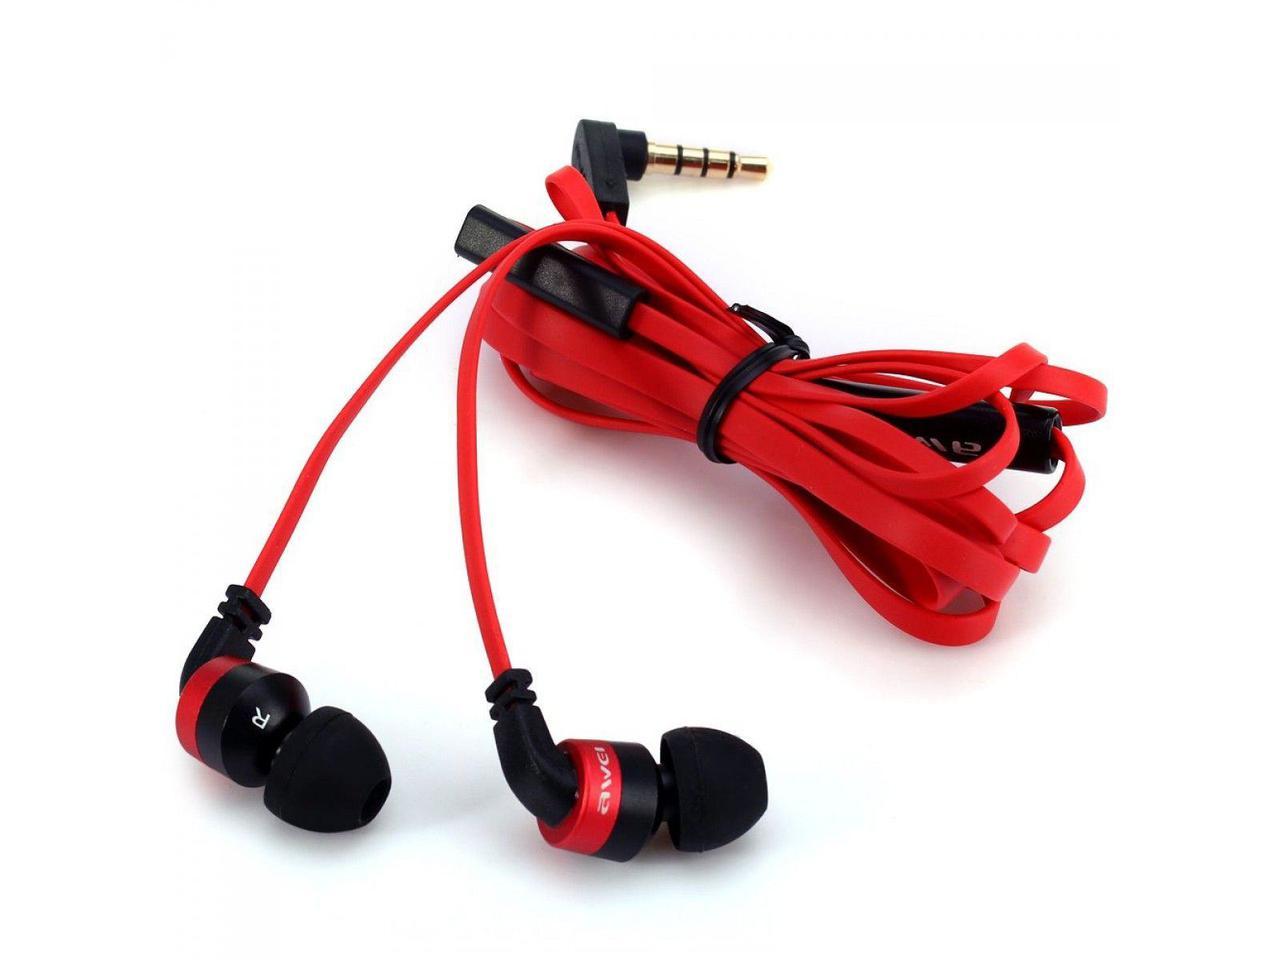 Вакуумные наушники для телефона AWEI ES-13i с микрофоном  189 грн ... ca501fd6ed460